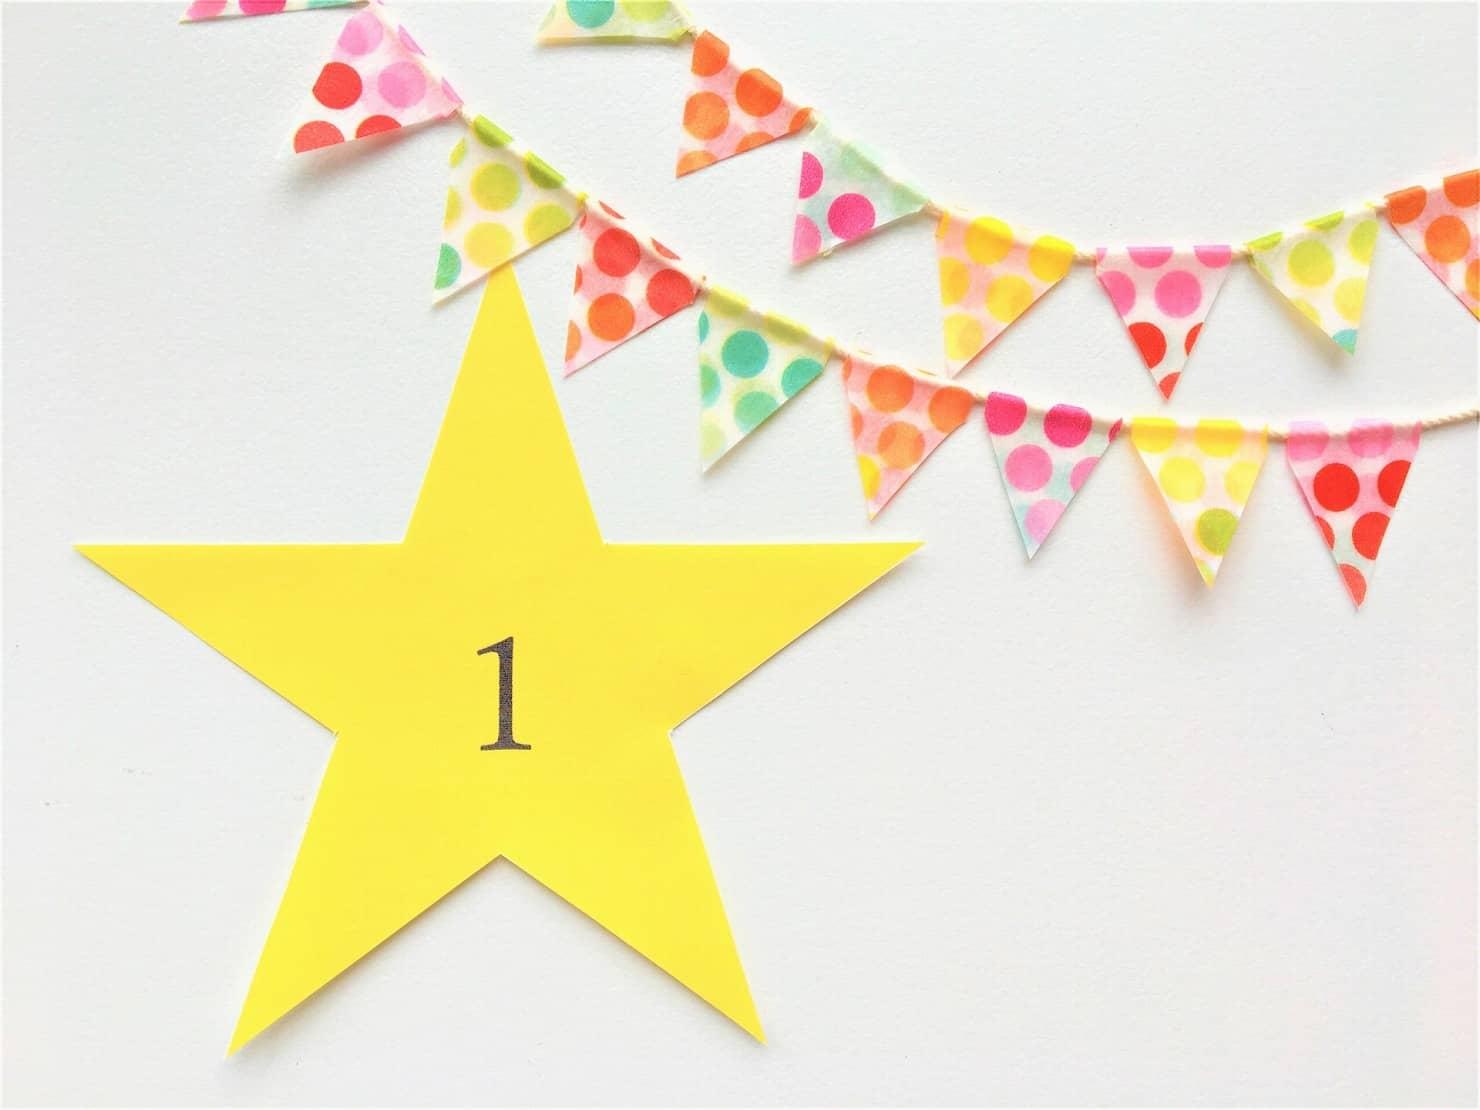 1歳の誕生日プレゼントは何がいい? どう選ぶ? 思い出に残る誕生日の過ごし方